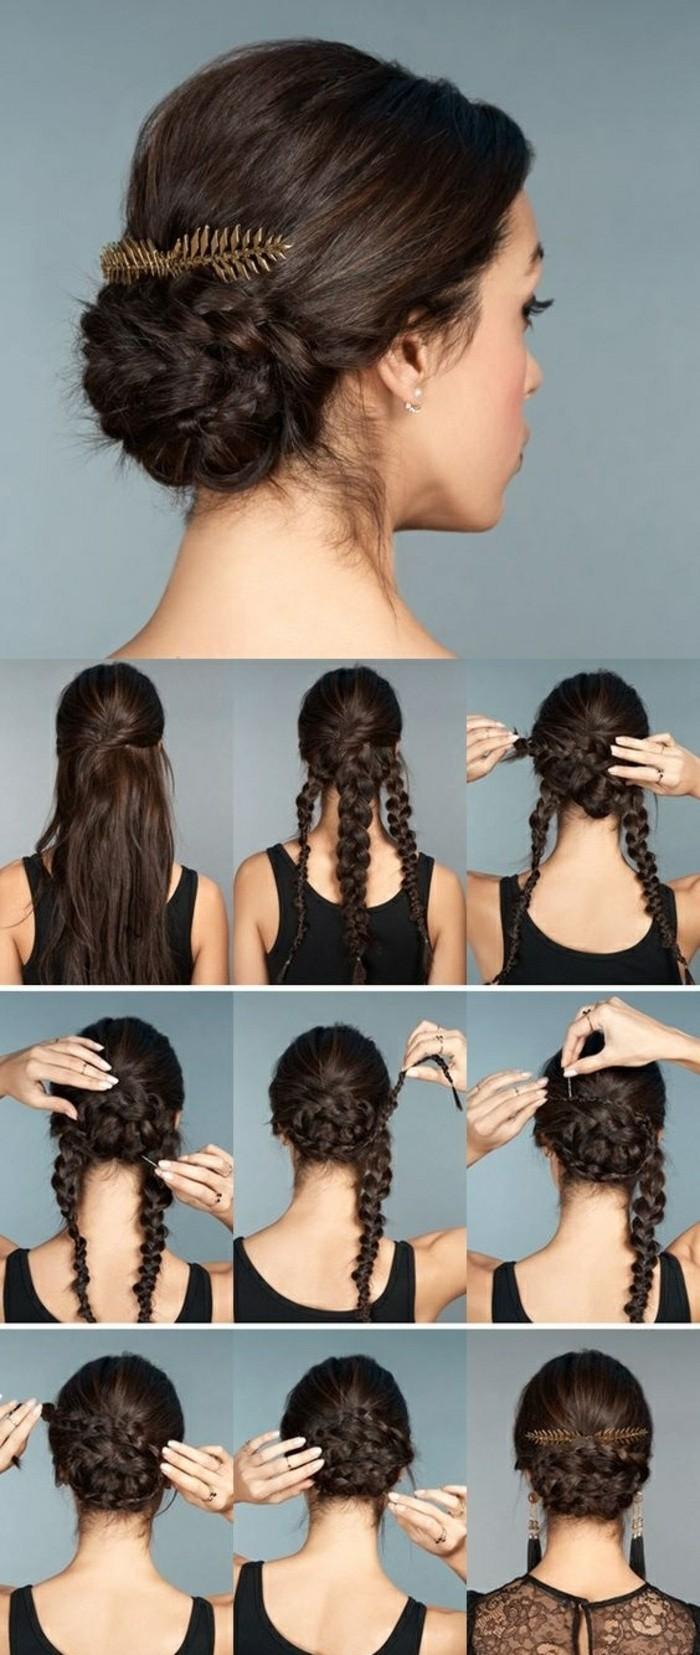 einfache-hocksteckfrisuren-dunkelbraune-haare-zopfe-selber-machen-accessoire